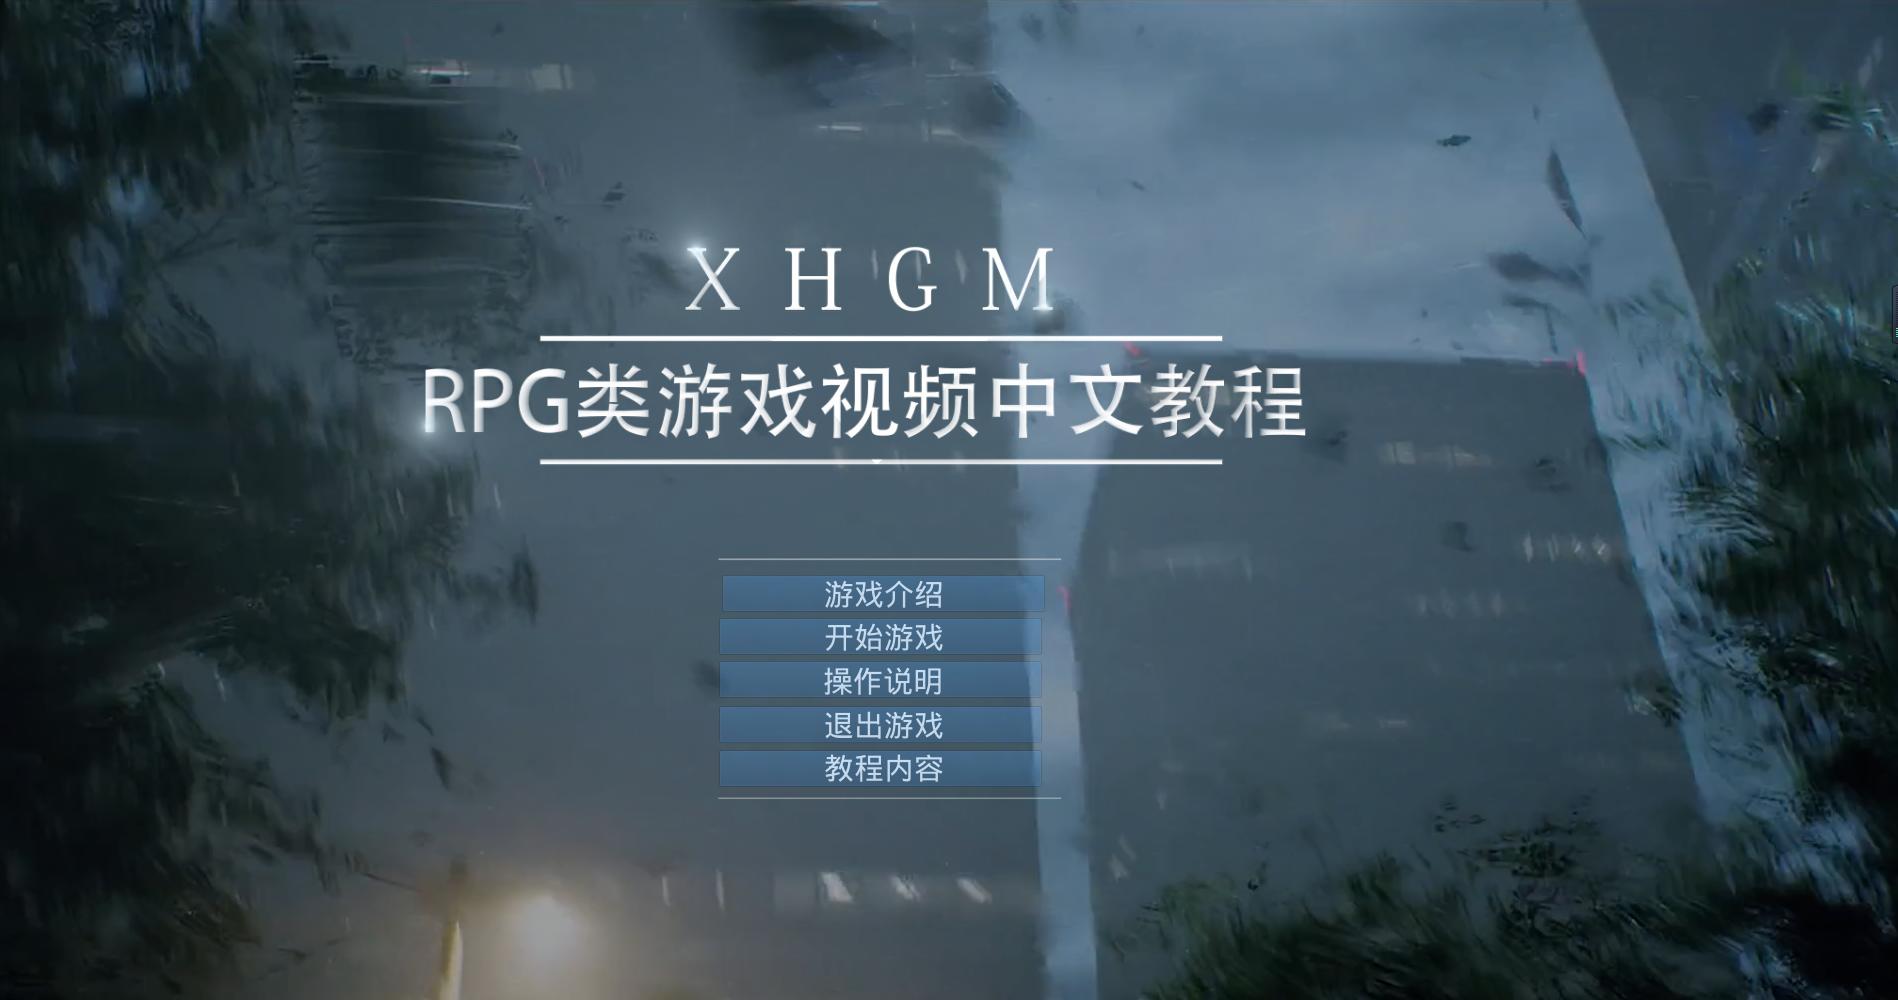 UE4游戏视频中文教程